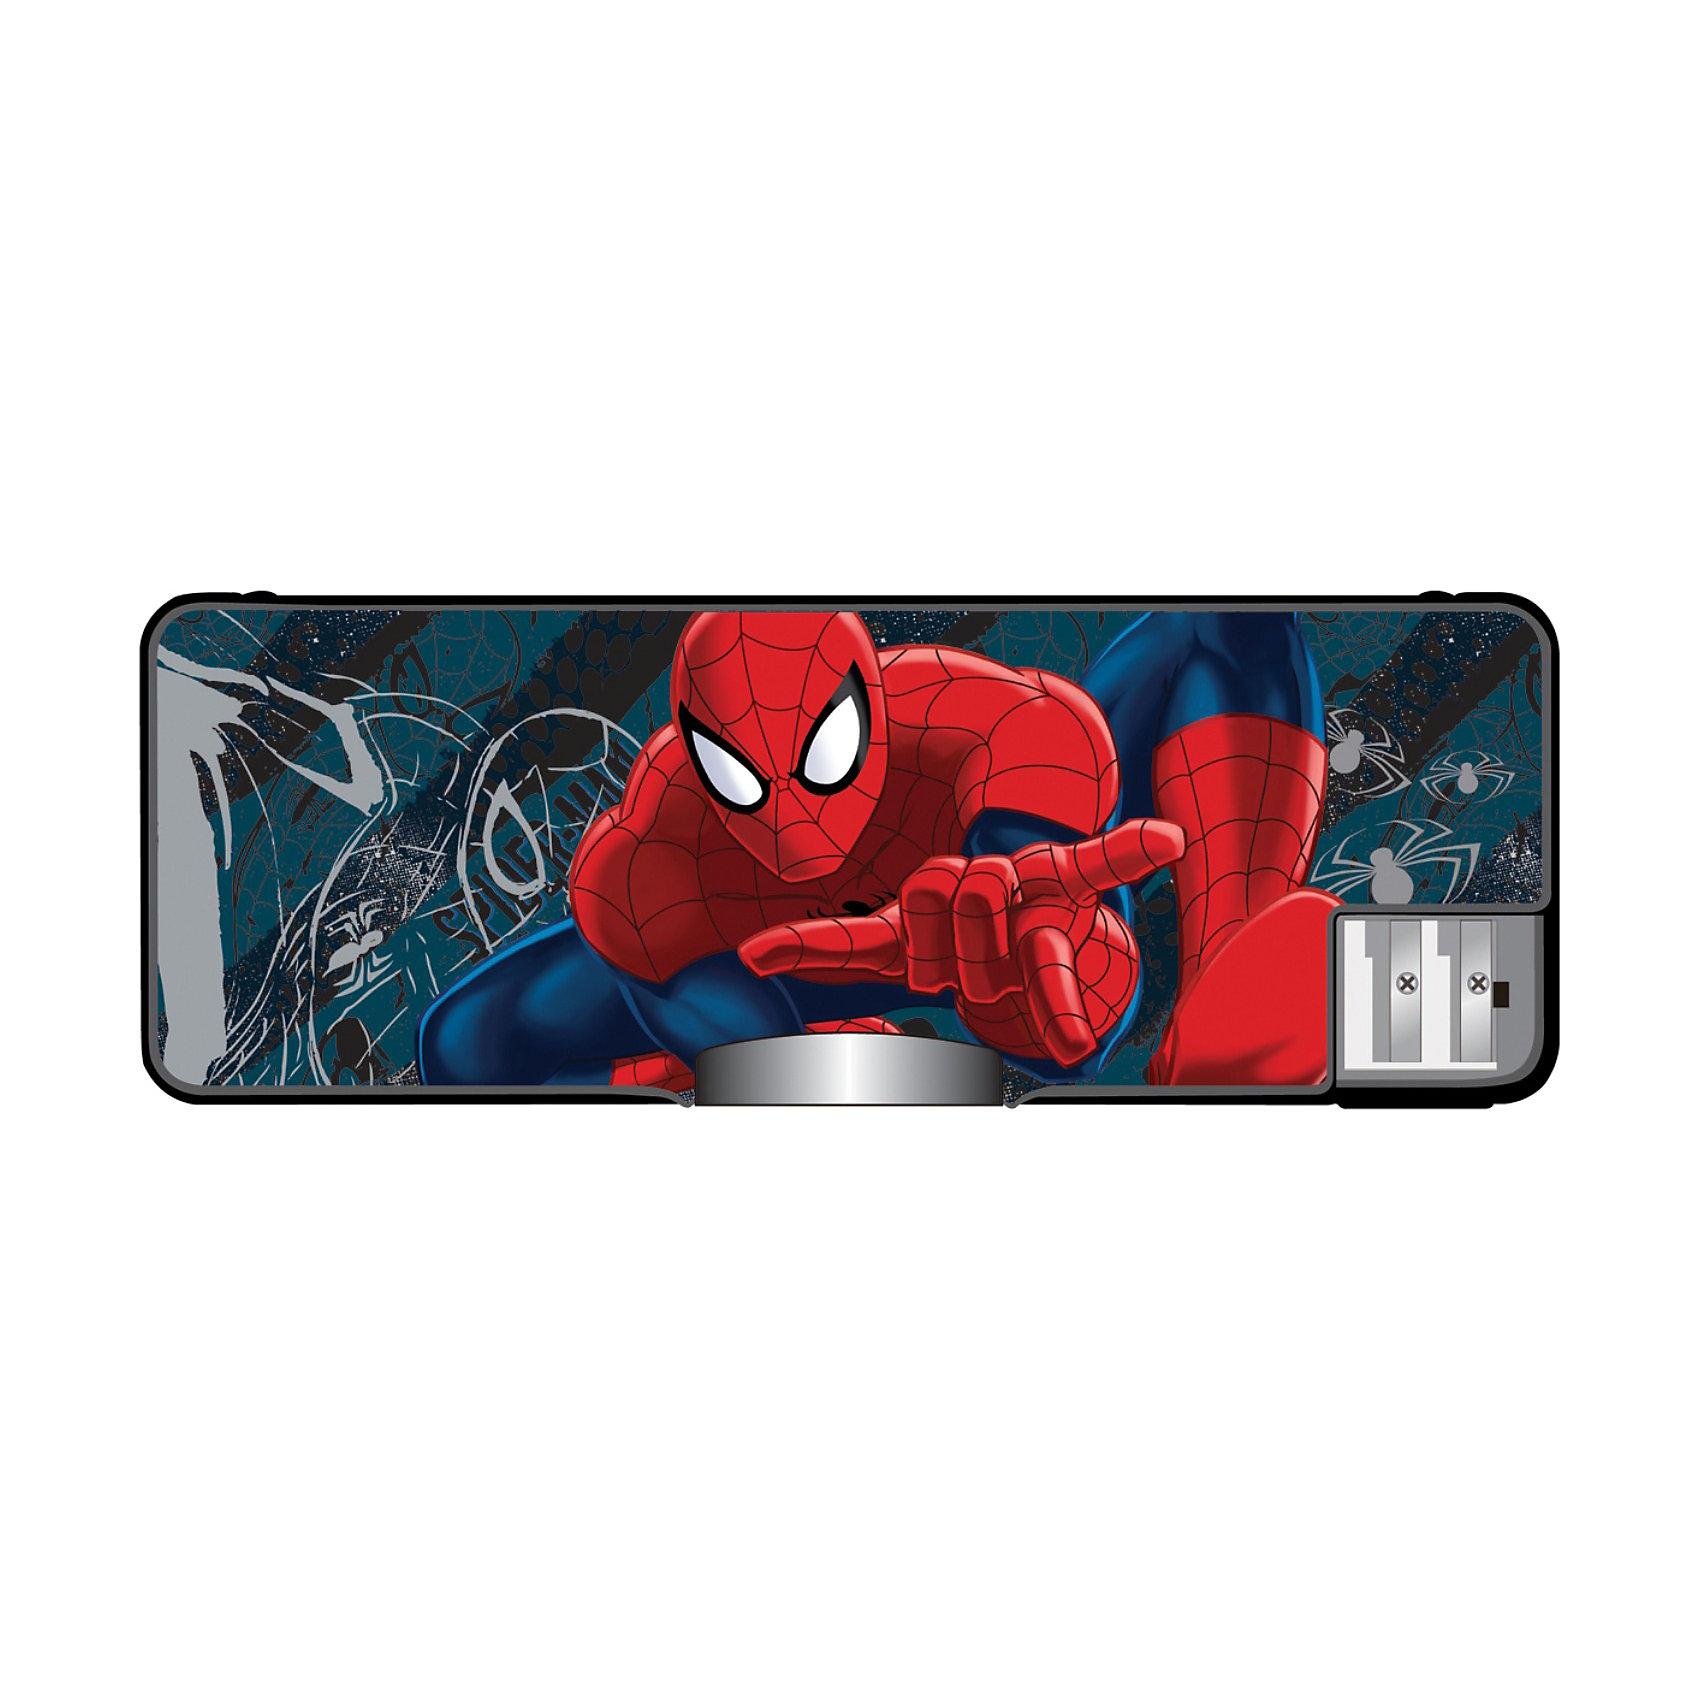 Пенал жесткий с точилками, Человек-ПаукНеобычный пенал с изображением Человека-паука (Spider Man) обязательно понравится юному  школьнику. Пенал пластиковый с удобными точилками для карандашей.<br><br>Дополнительная информация:<br><br>- размер: 8 х 23 х 2,5 см<br>- механизм закрытия - механический<br><br>Пенал жесткий с точилками Spider Man можно купить в нашем магазине.<br><br>Ширина мм: 80<br>Глубина мм: 230<br>Высота мм: 25<br>Вес г: 400<br>Возраст от месяцев: 48<br>Возраст до месяцев: 84<br>Пол: Мужской<br>Возраст: Детский<br>SKU: 3562993